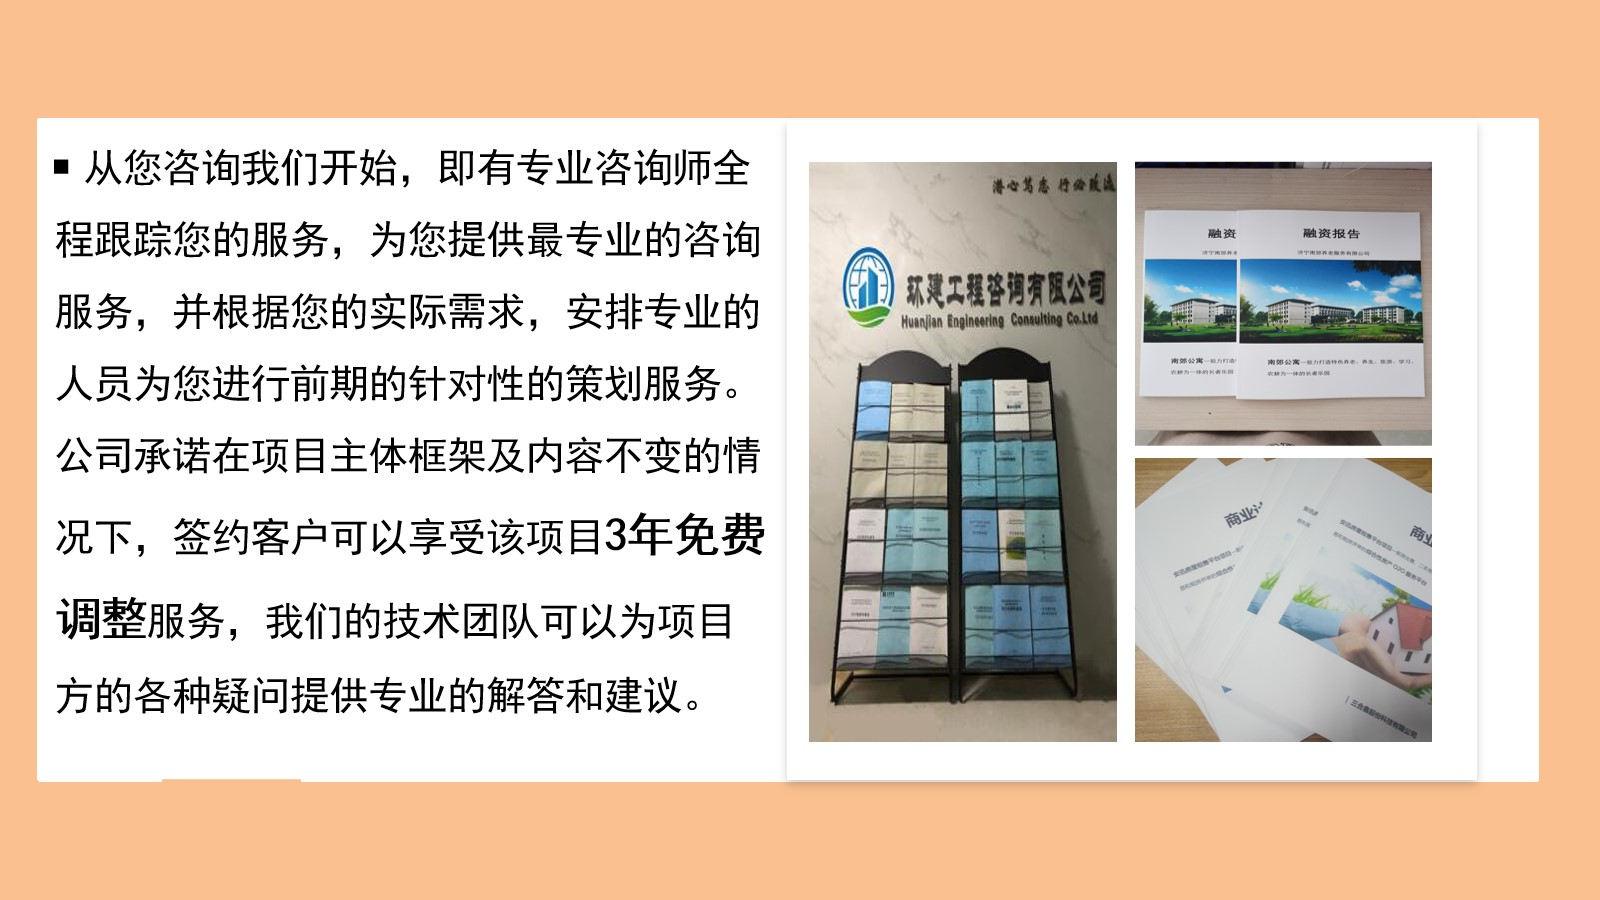 中山撰写可行性研究报告的公司中山范文